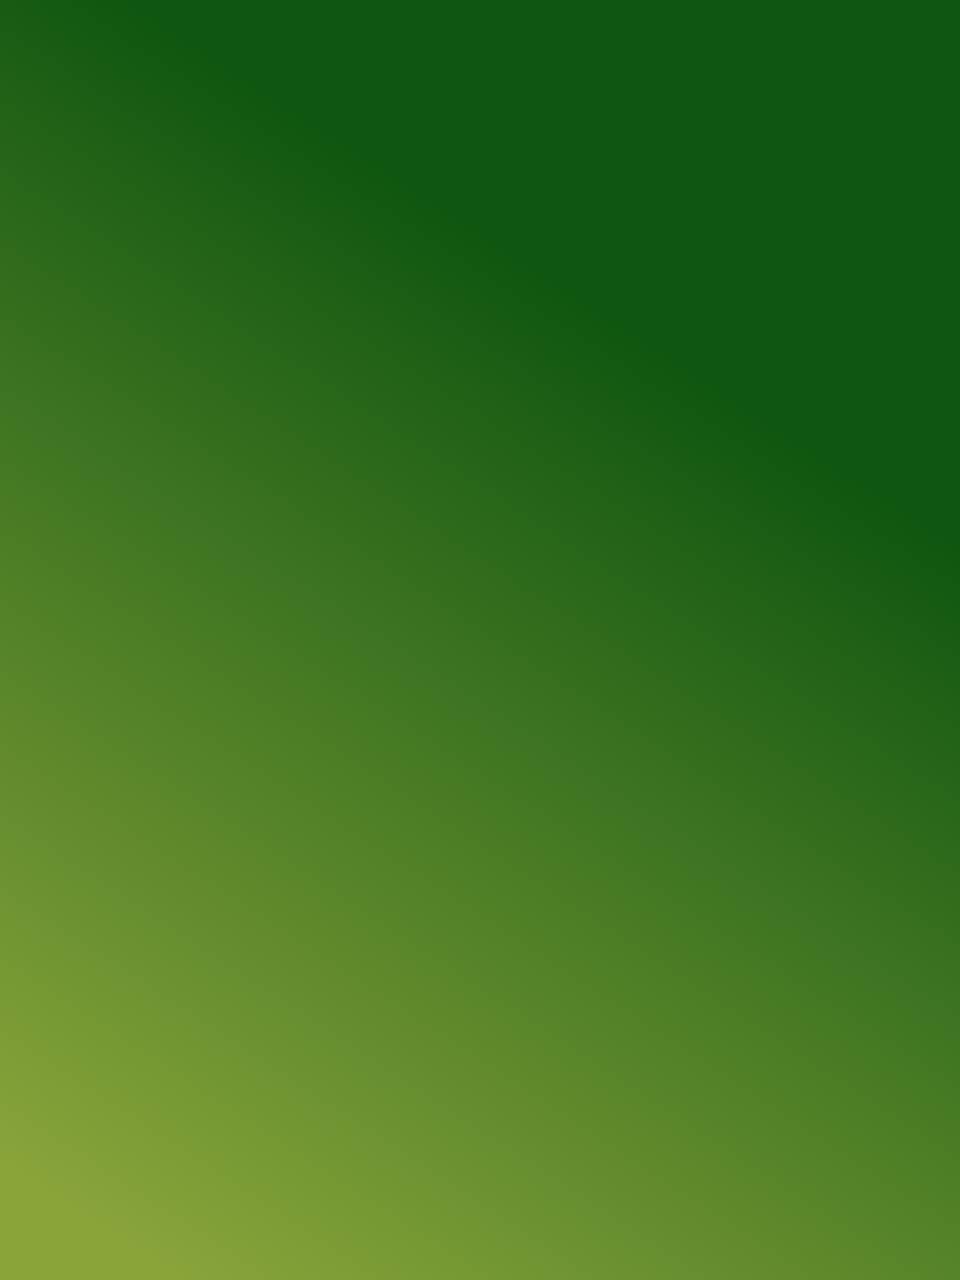 Green Power - 1